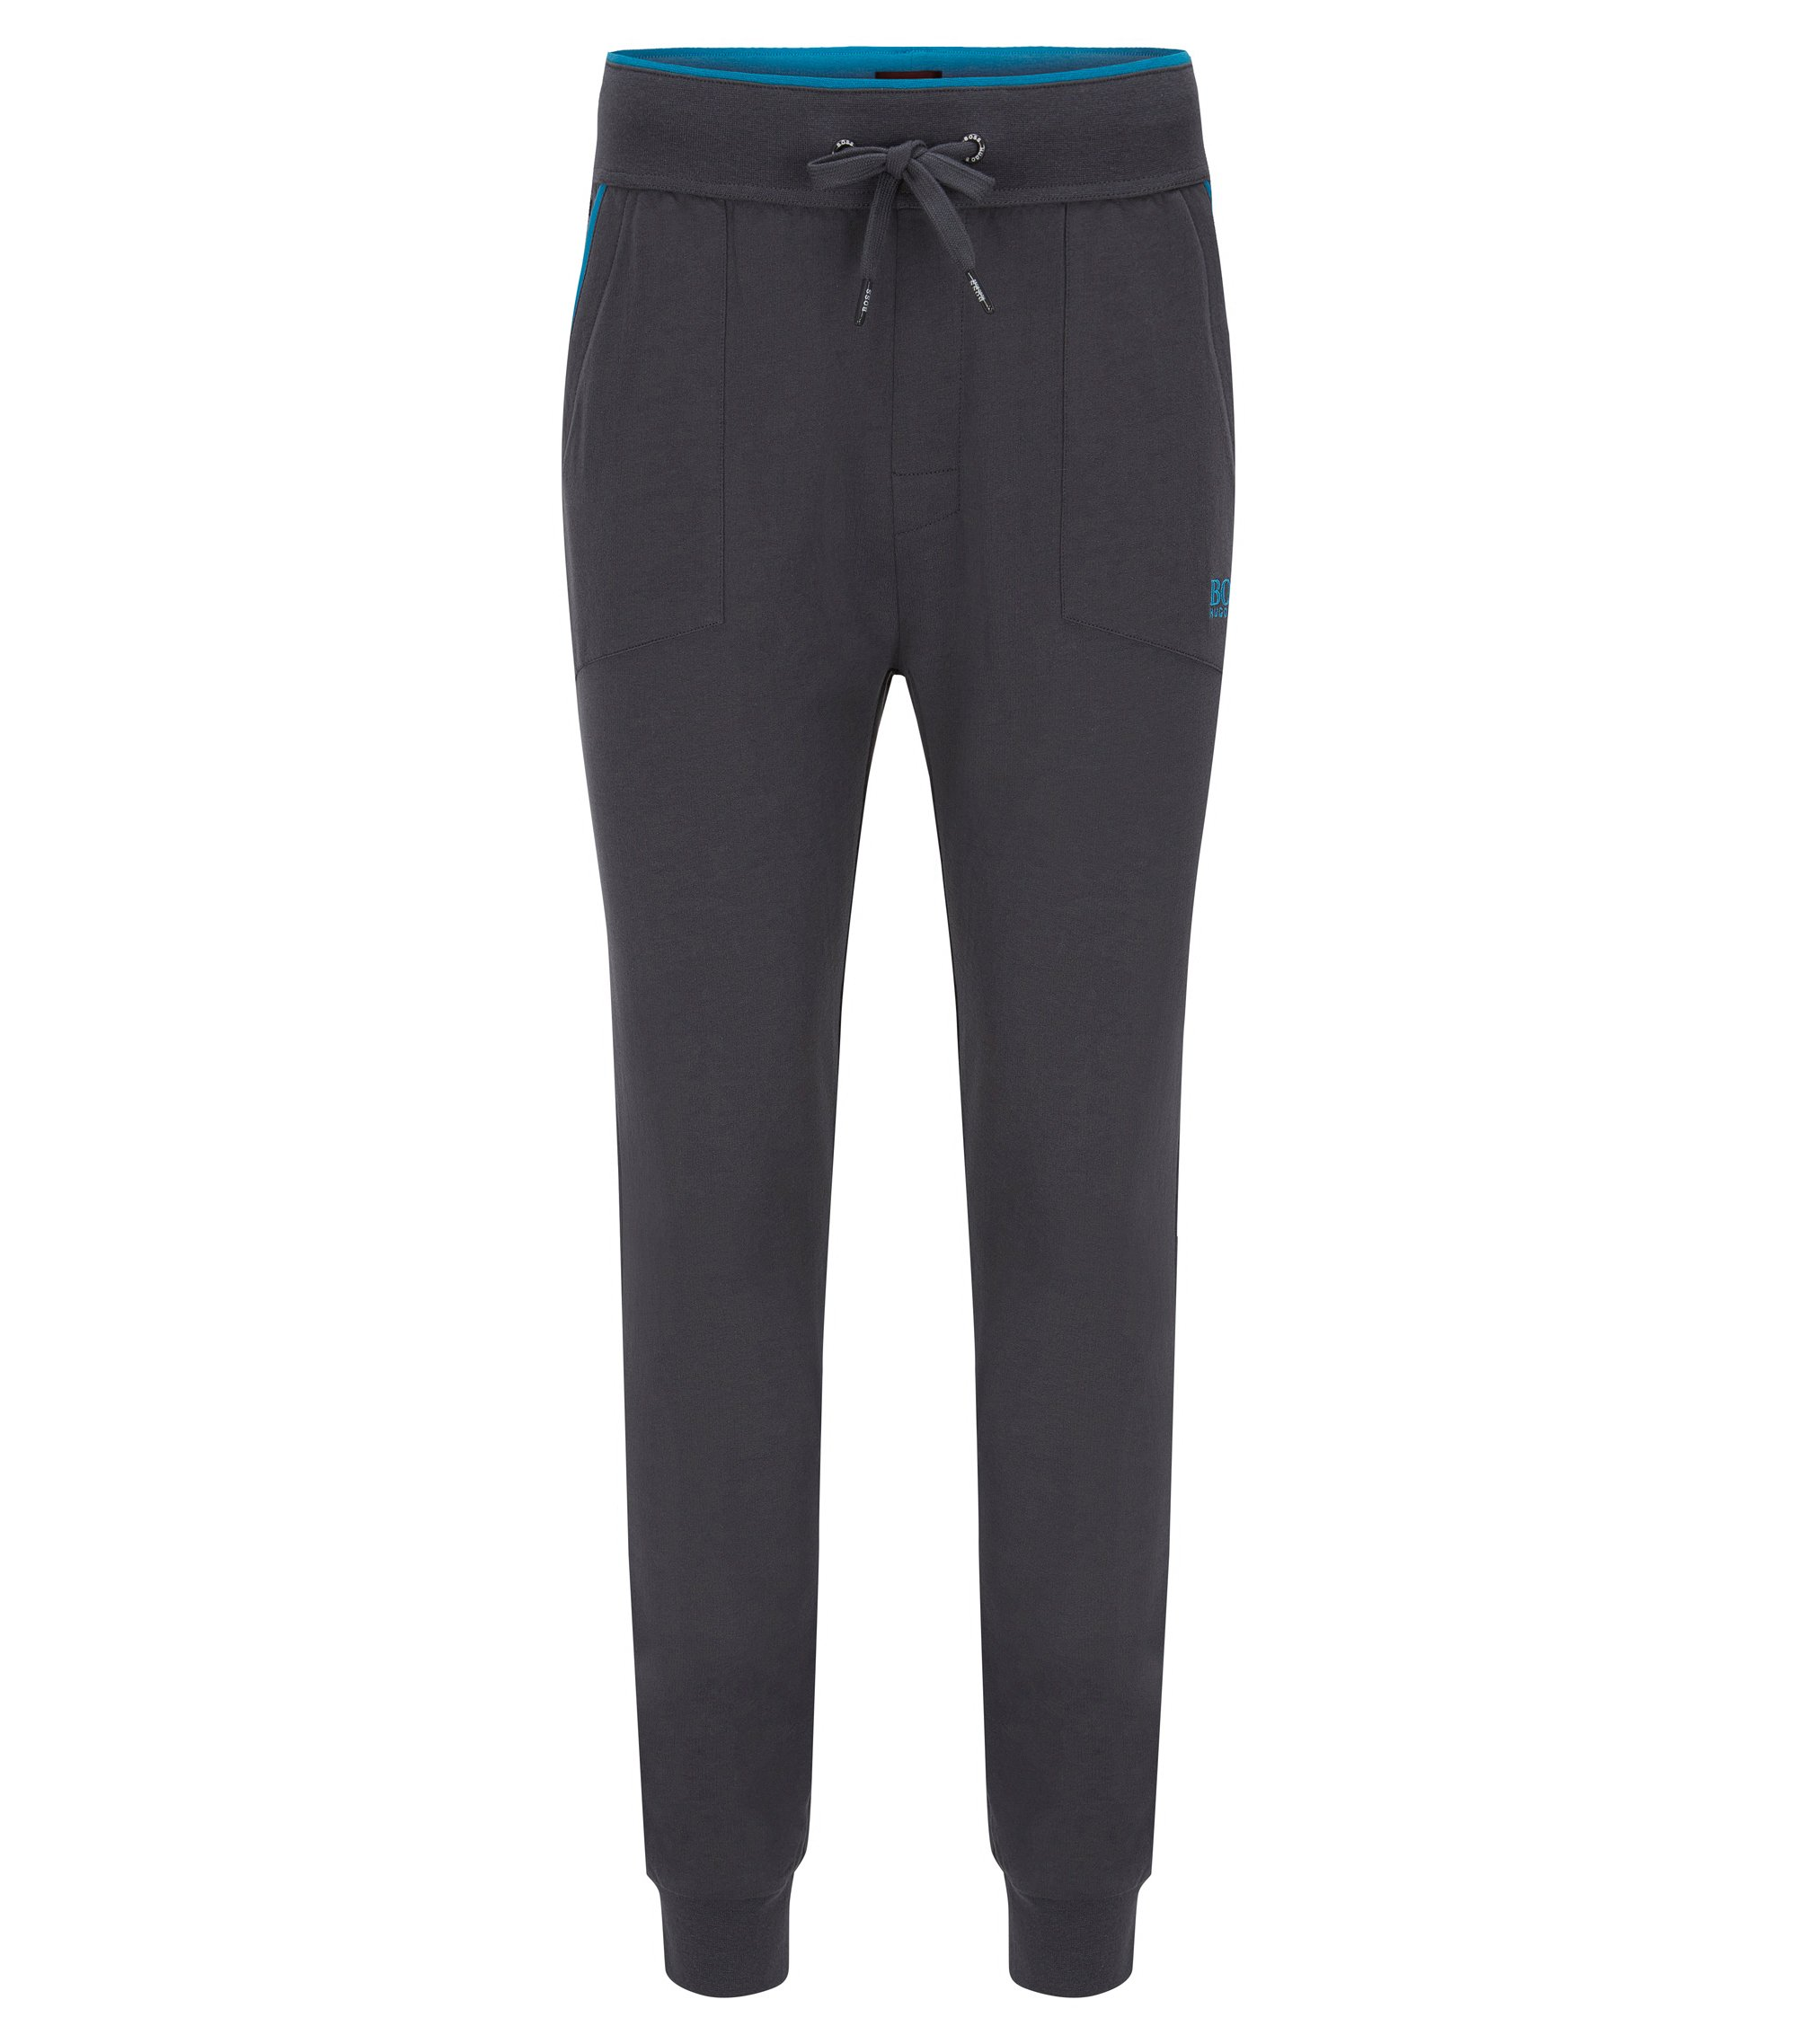 Pantaloni per il tempo libero in jersey con tasche applicate e filetti a contrasto, Grigio scuro